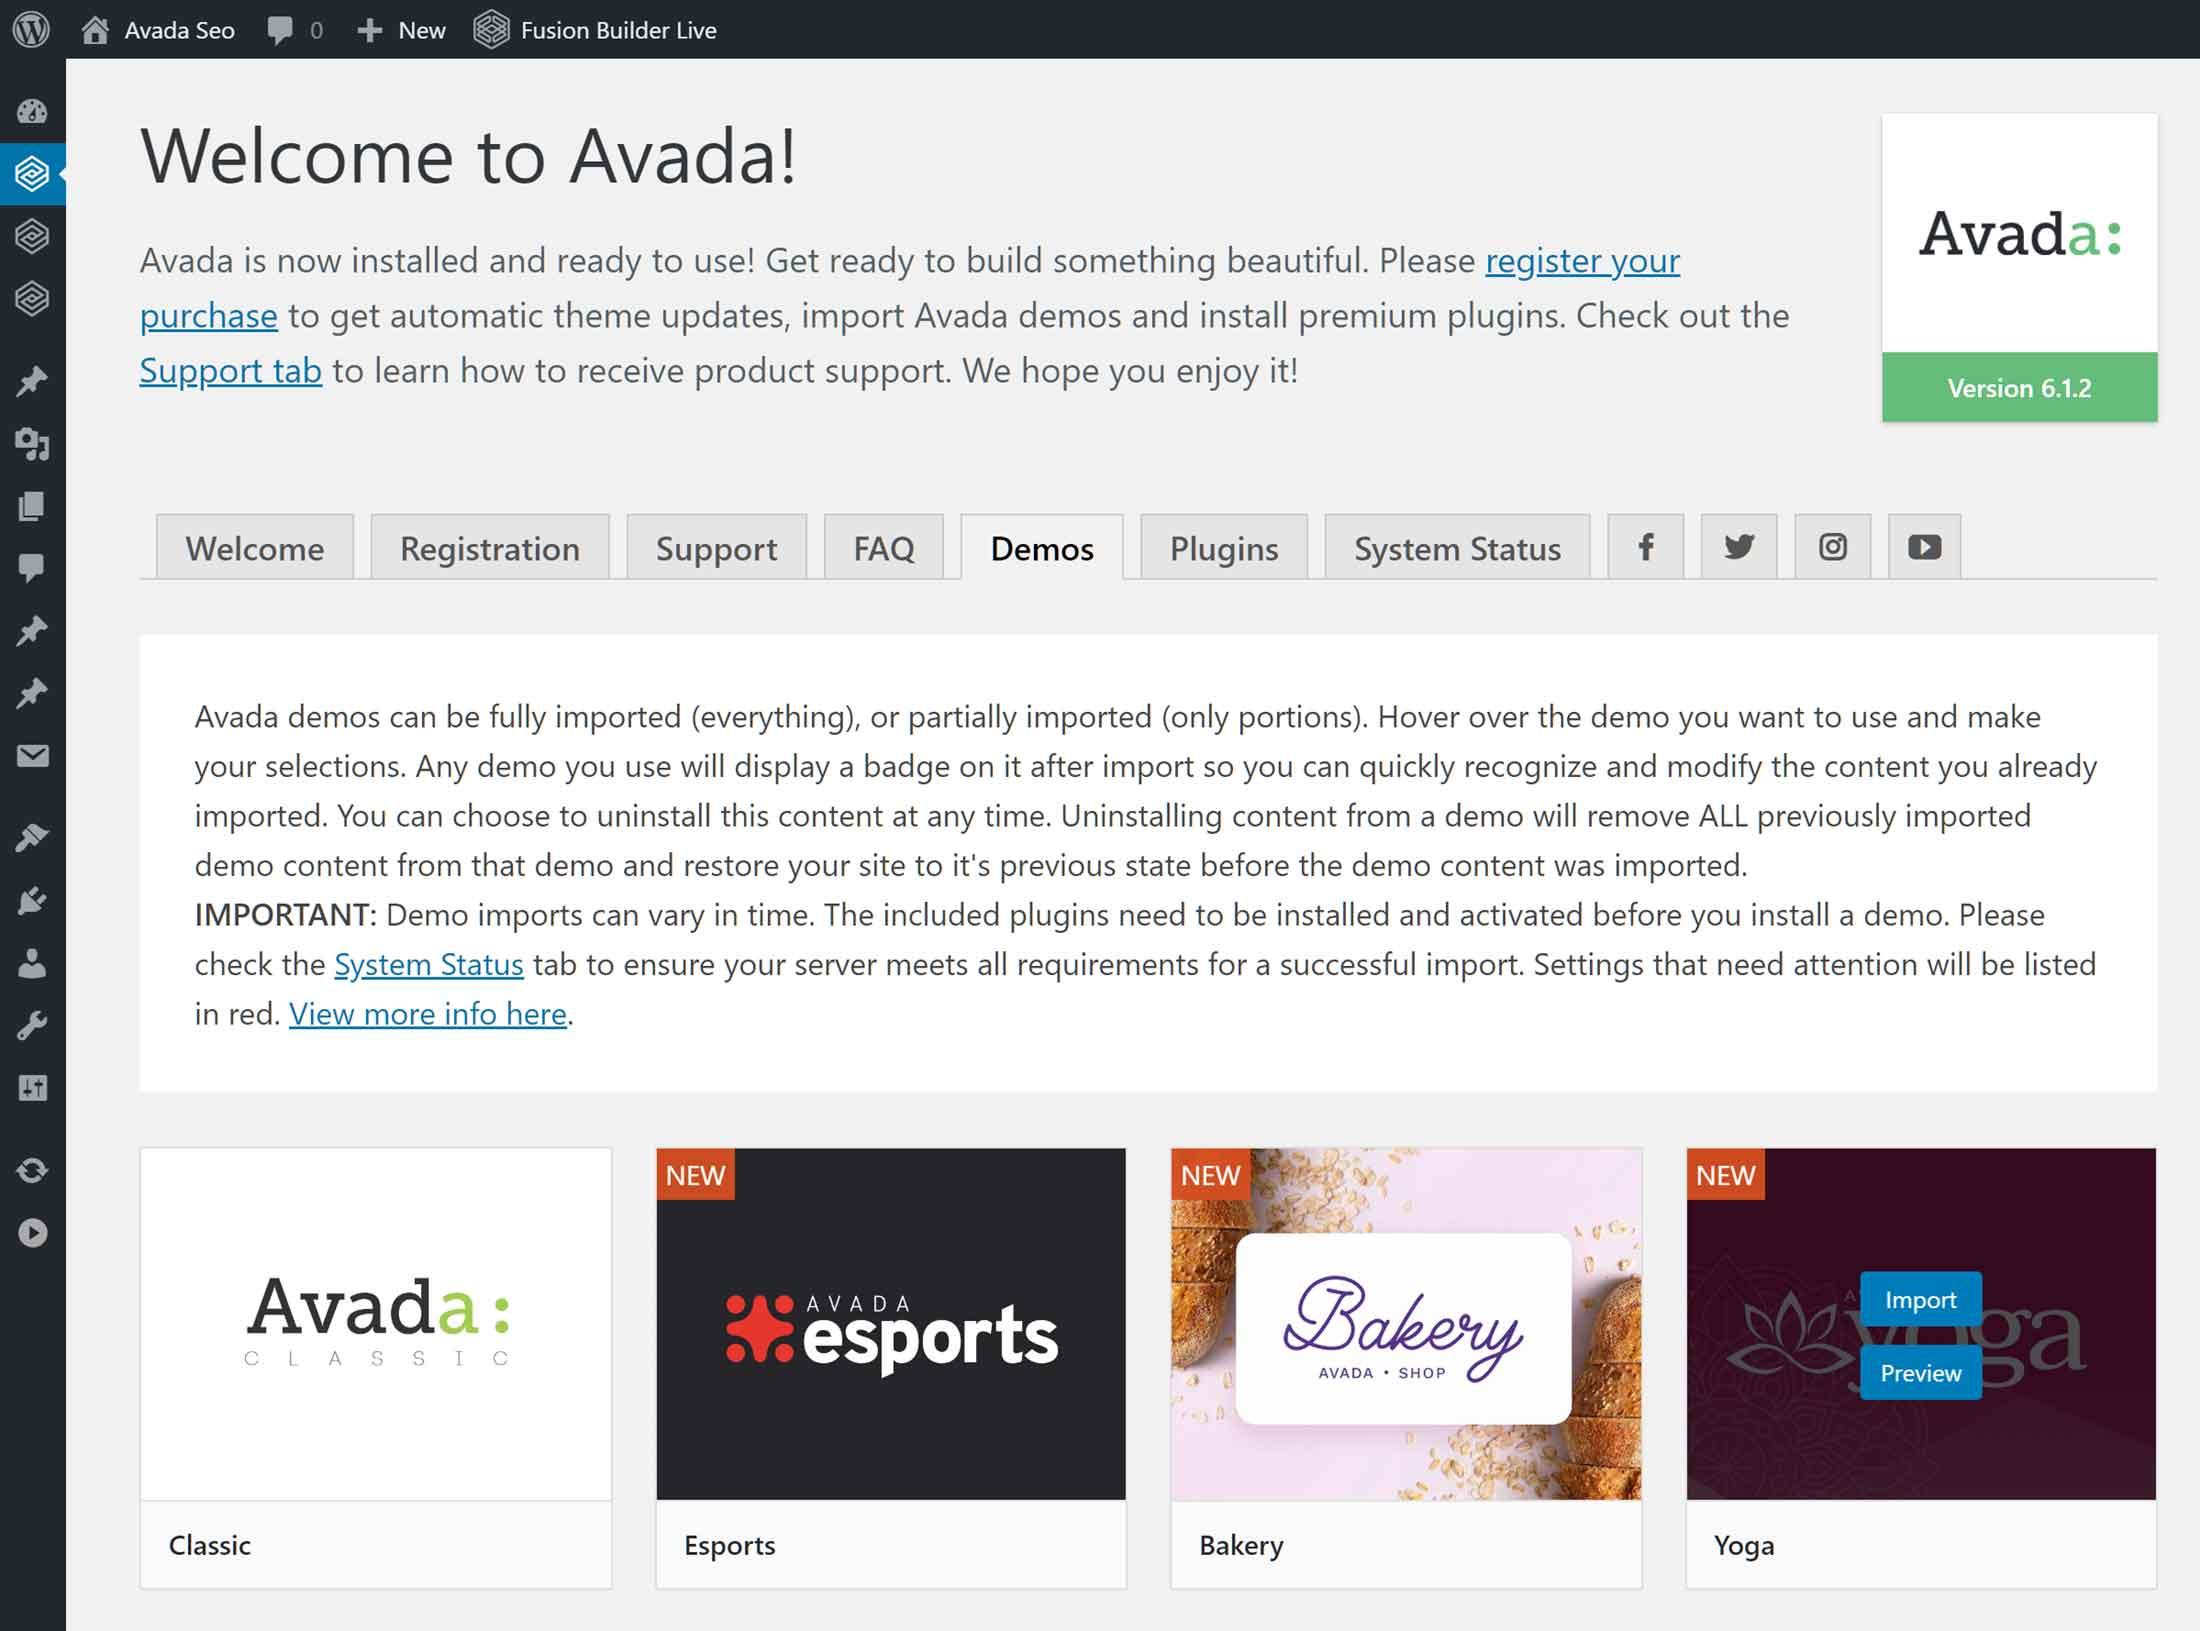 Avada tema istifadəçi interfeysi